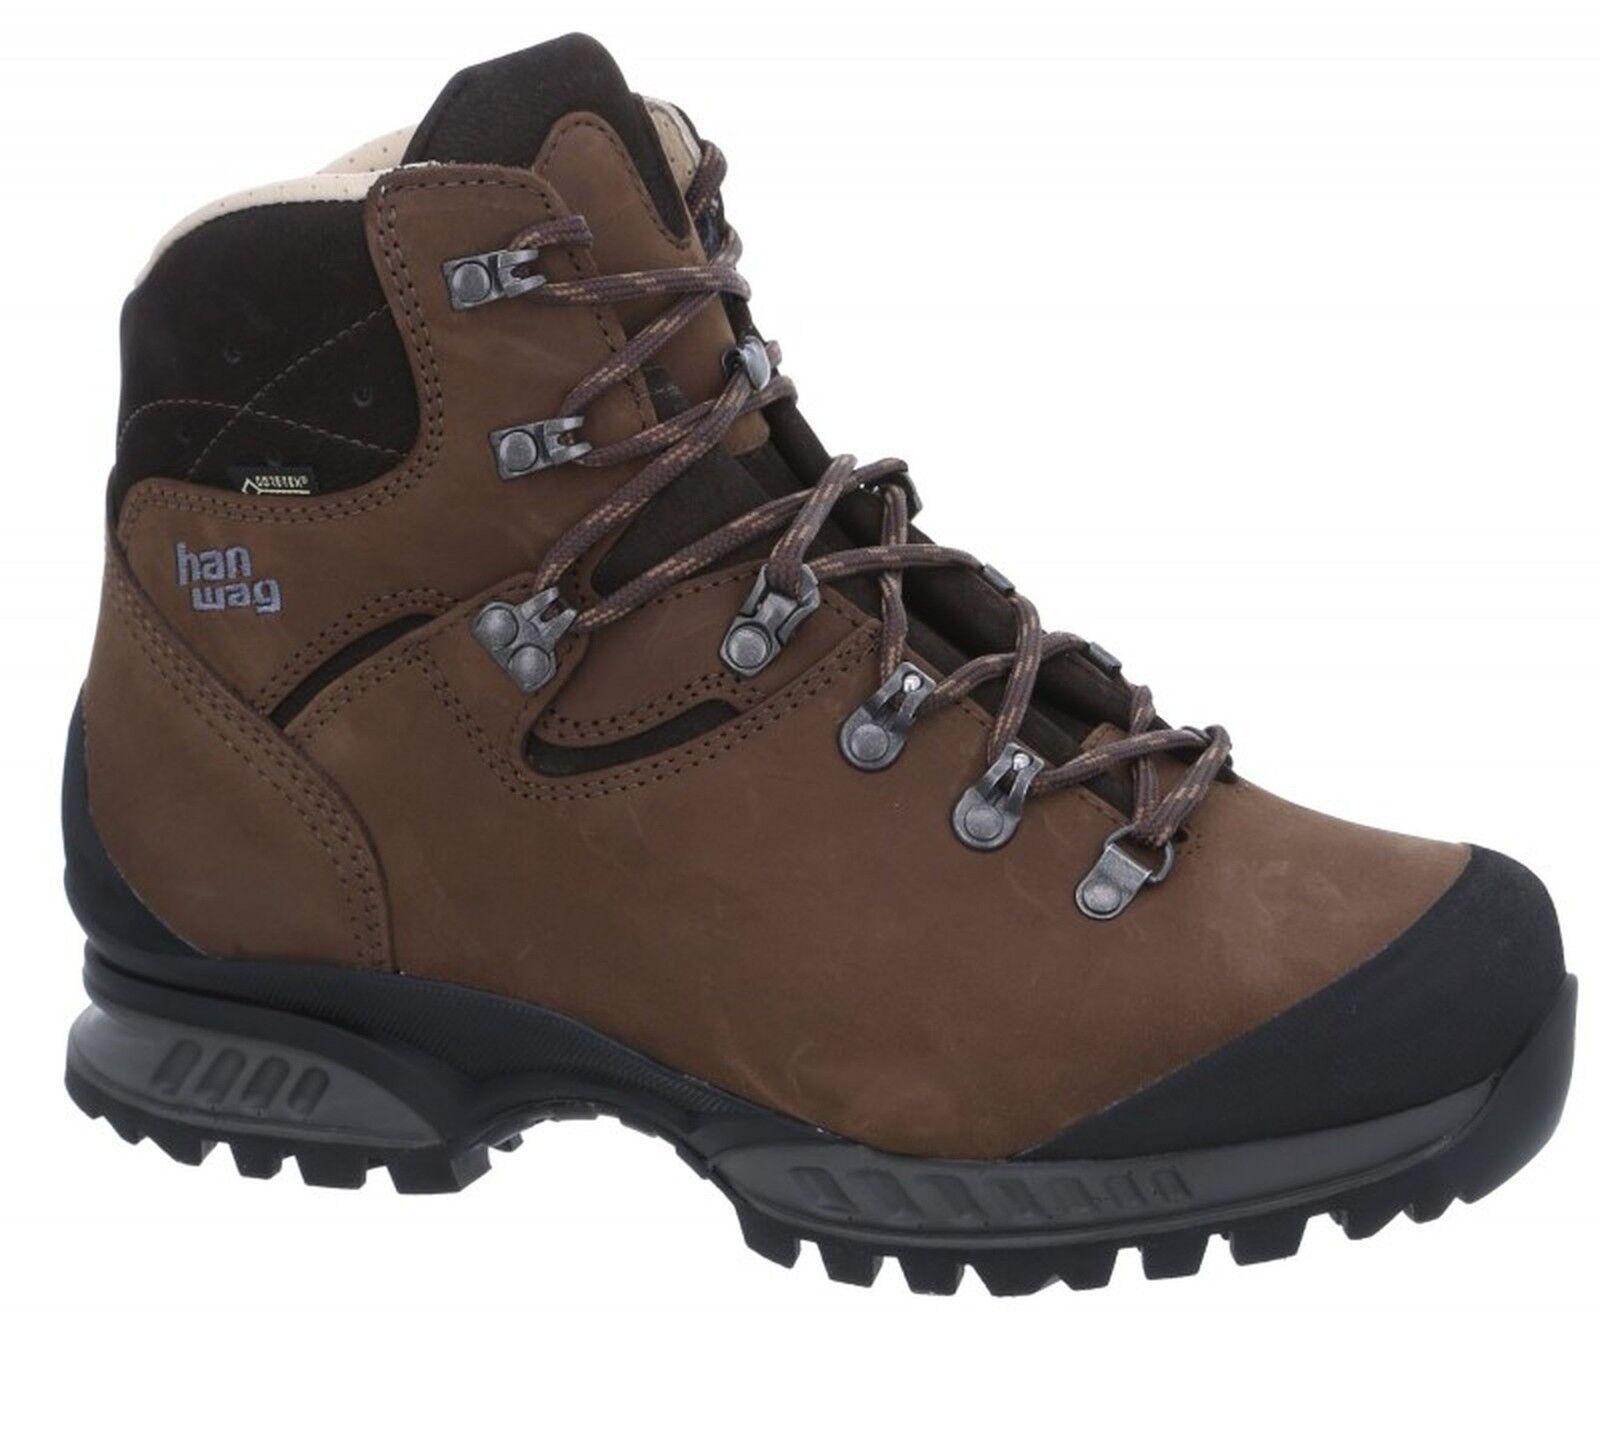 Hanwag montaña zapatos Tatra II GTX tamaño 12,5 - tierra 48